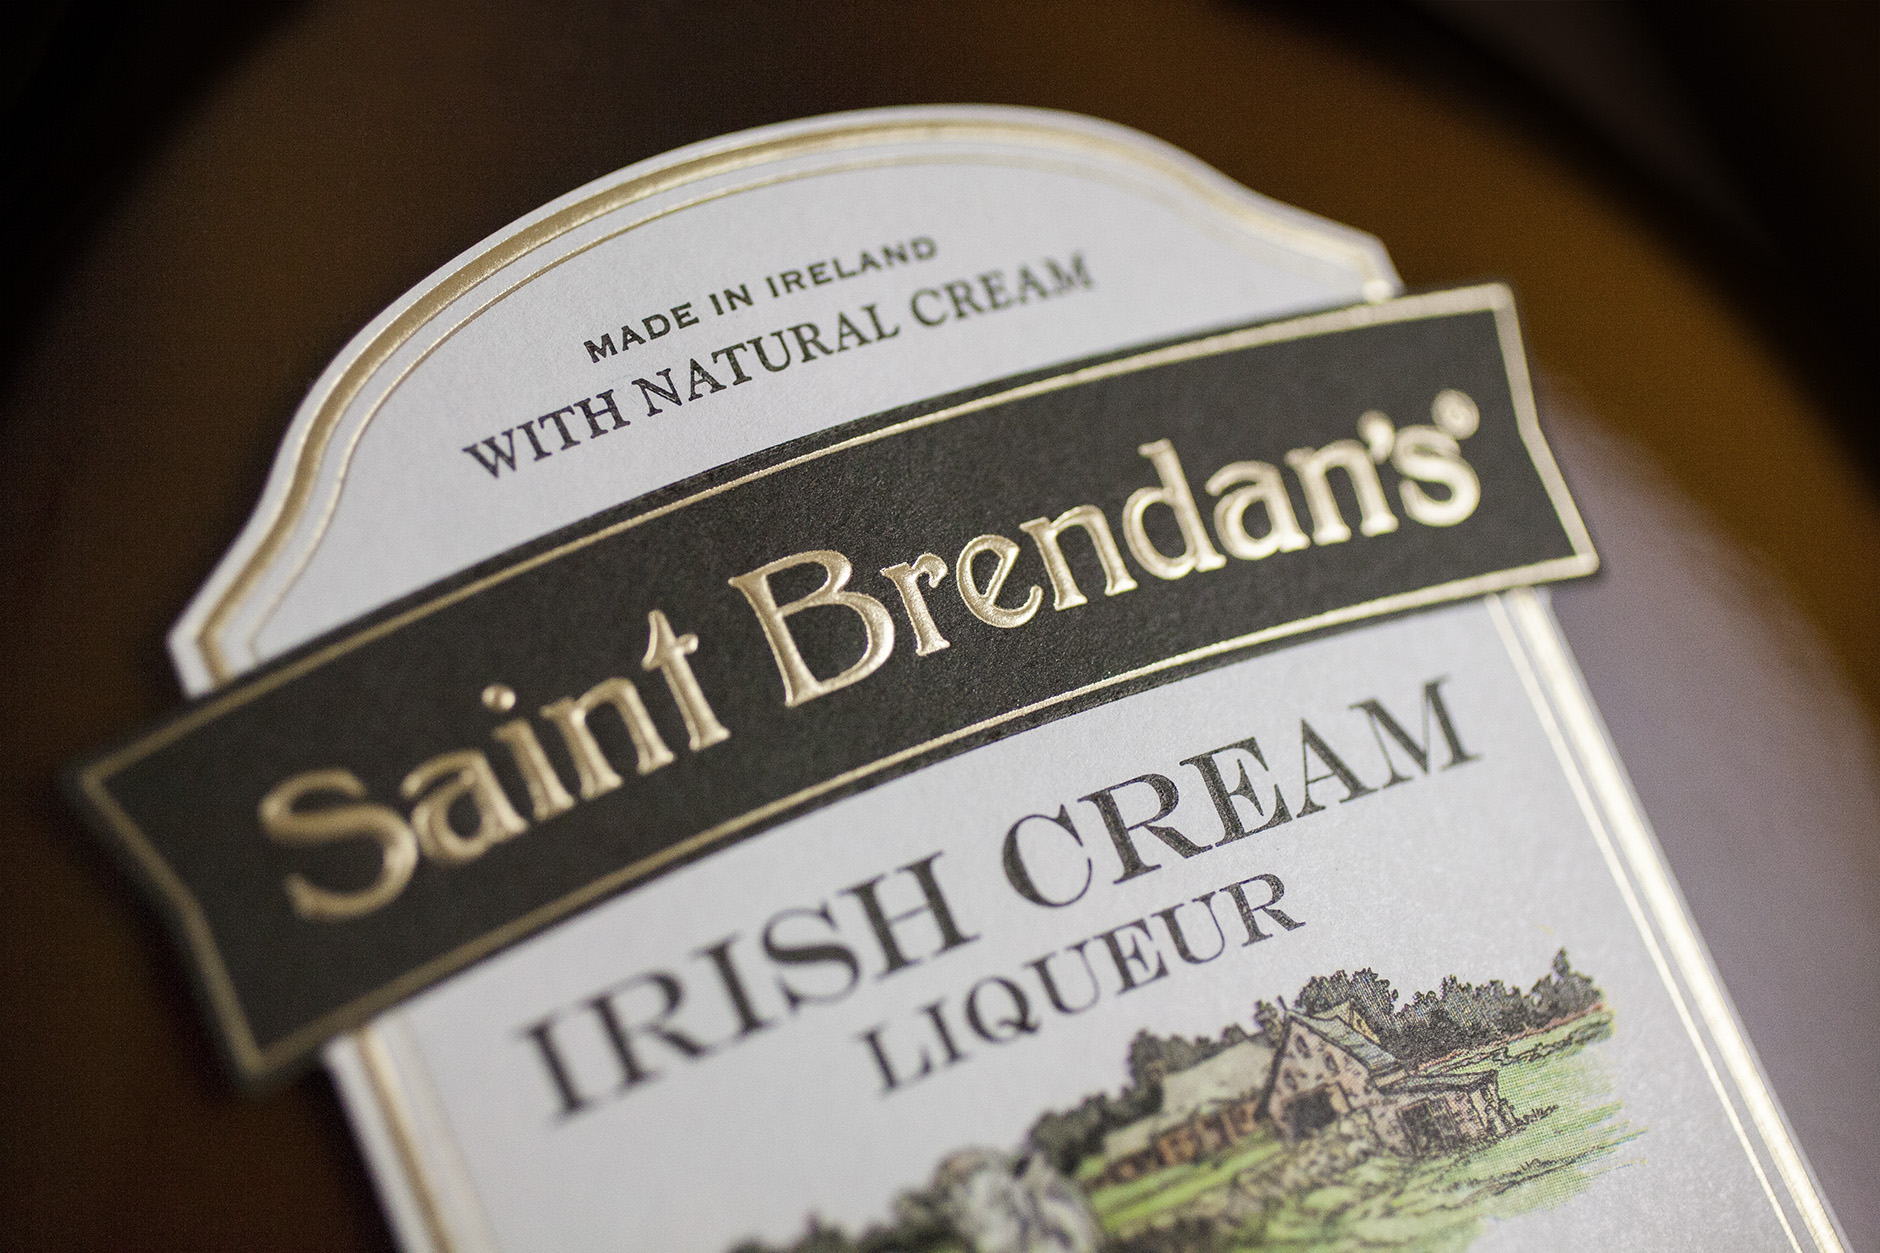 Irish Cream Package Design